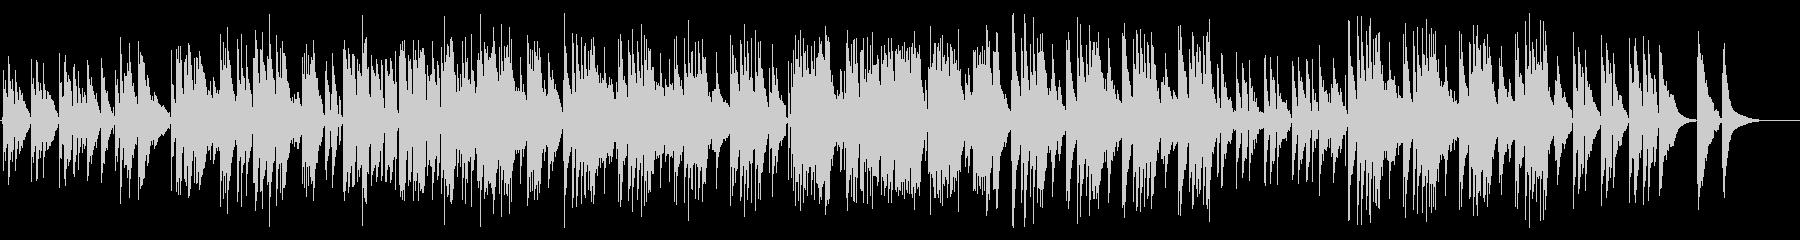 ポップなリラックスナイロンギターデュオの未再生の波形